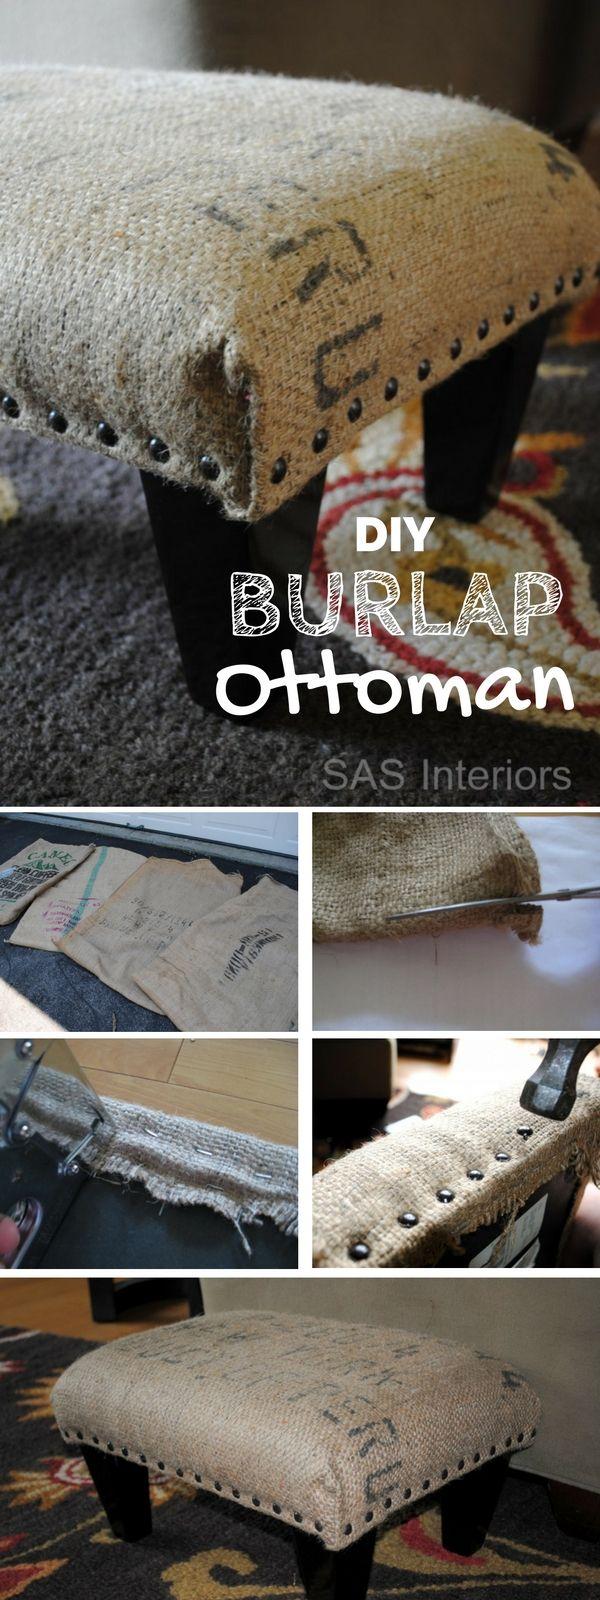 Machen Sie eine einfache DIY Ottoman mit Sackleinen Kaffee Sack @istandarddesign